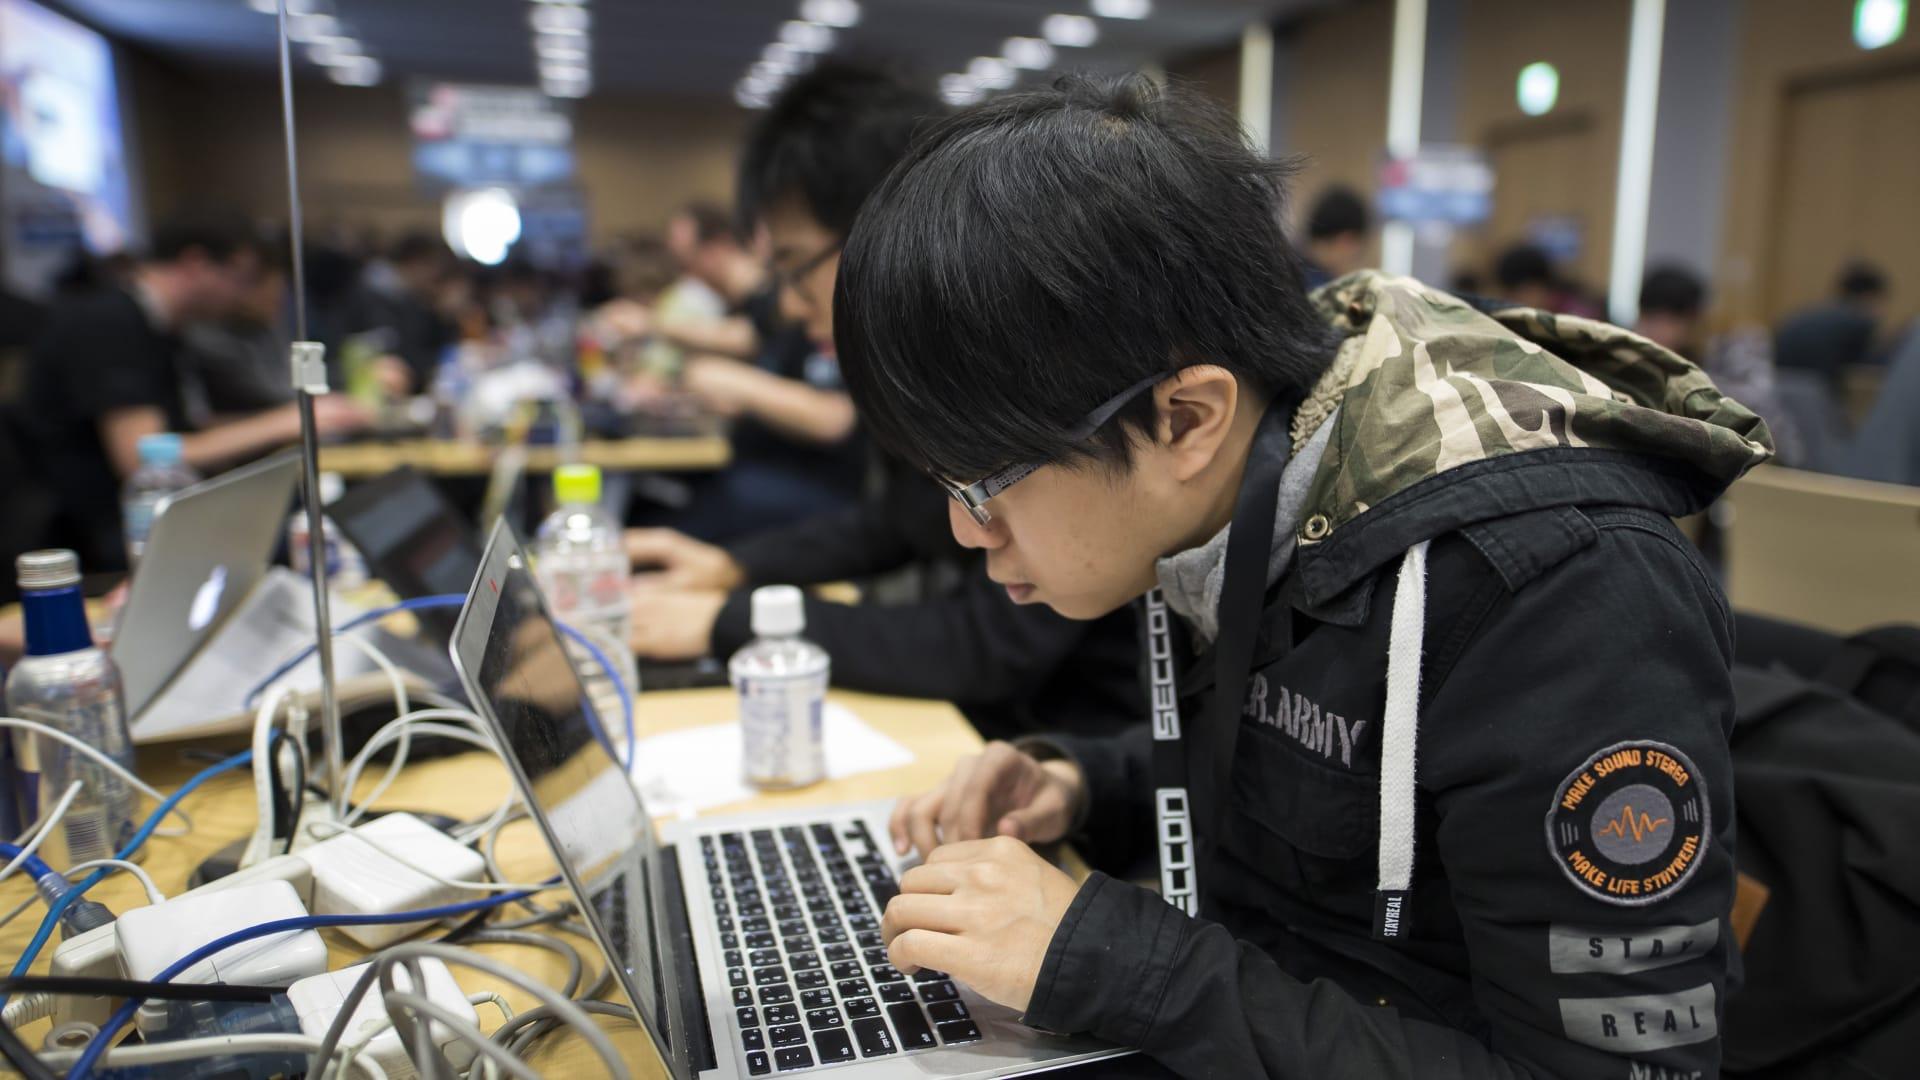 الهاكرز الصينيون يكثفون هجماتهم على الشركات الأمريكية